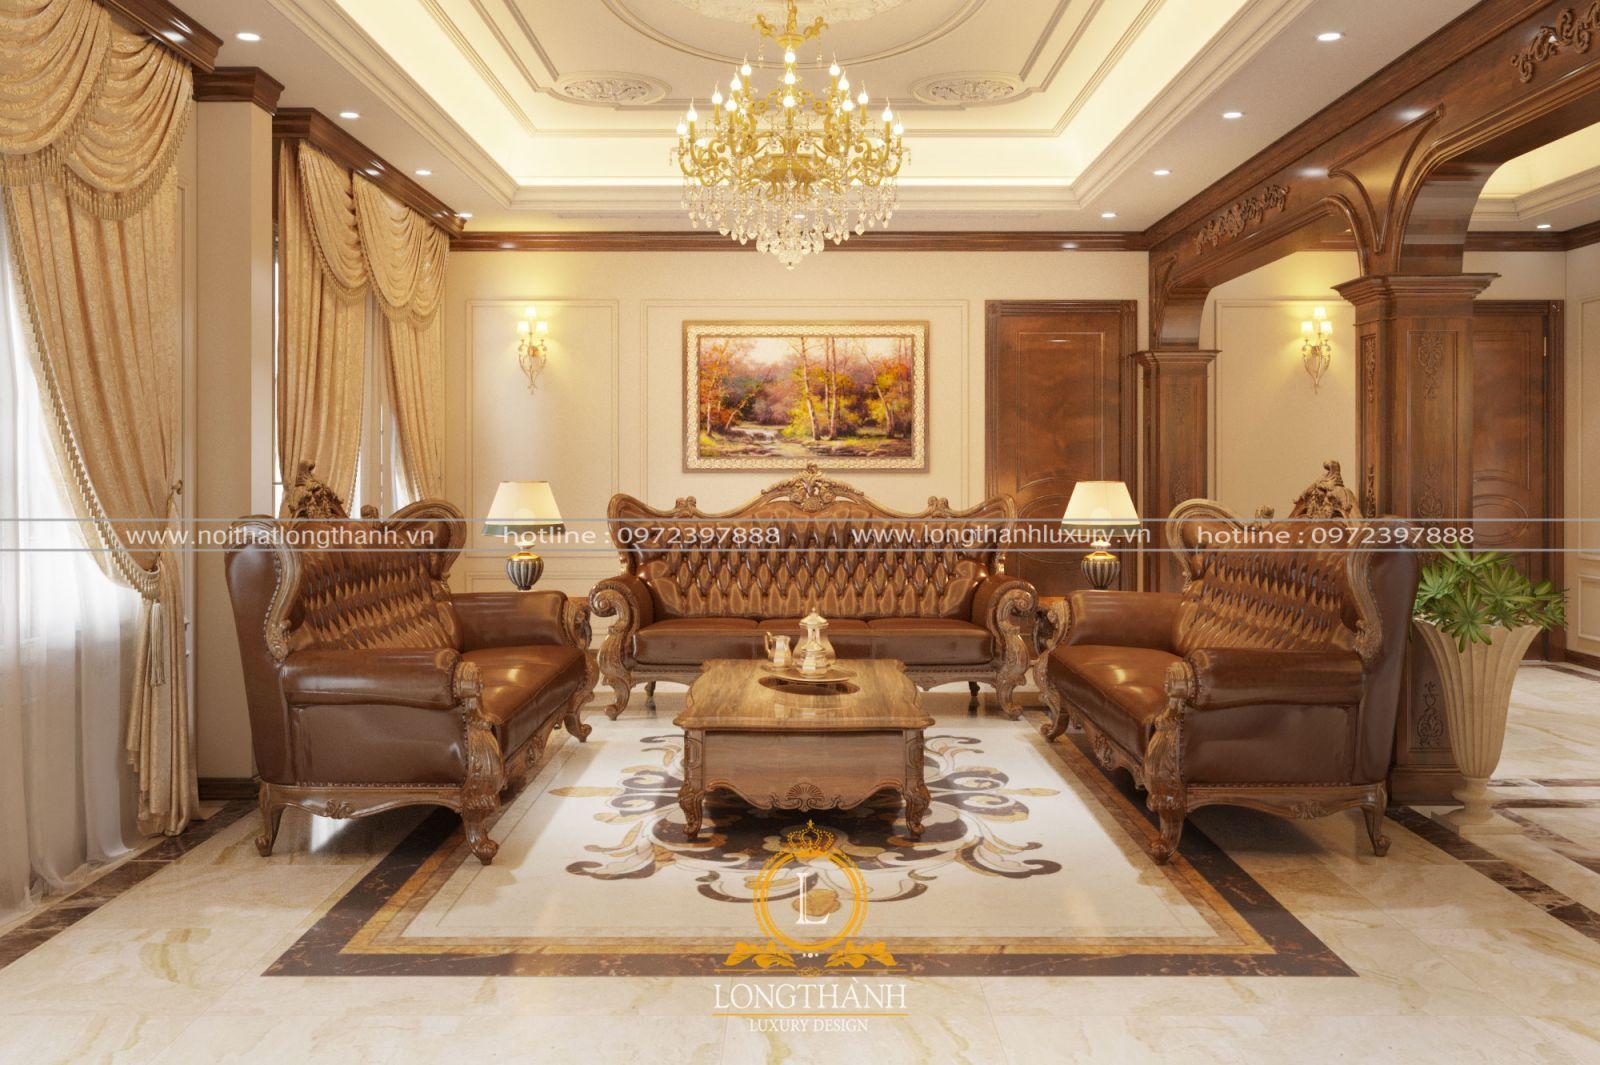 Không gian ấm áp nhưng bề thế với bộ sofa bọc da và bộ rèm cửa phù hợp